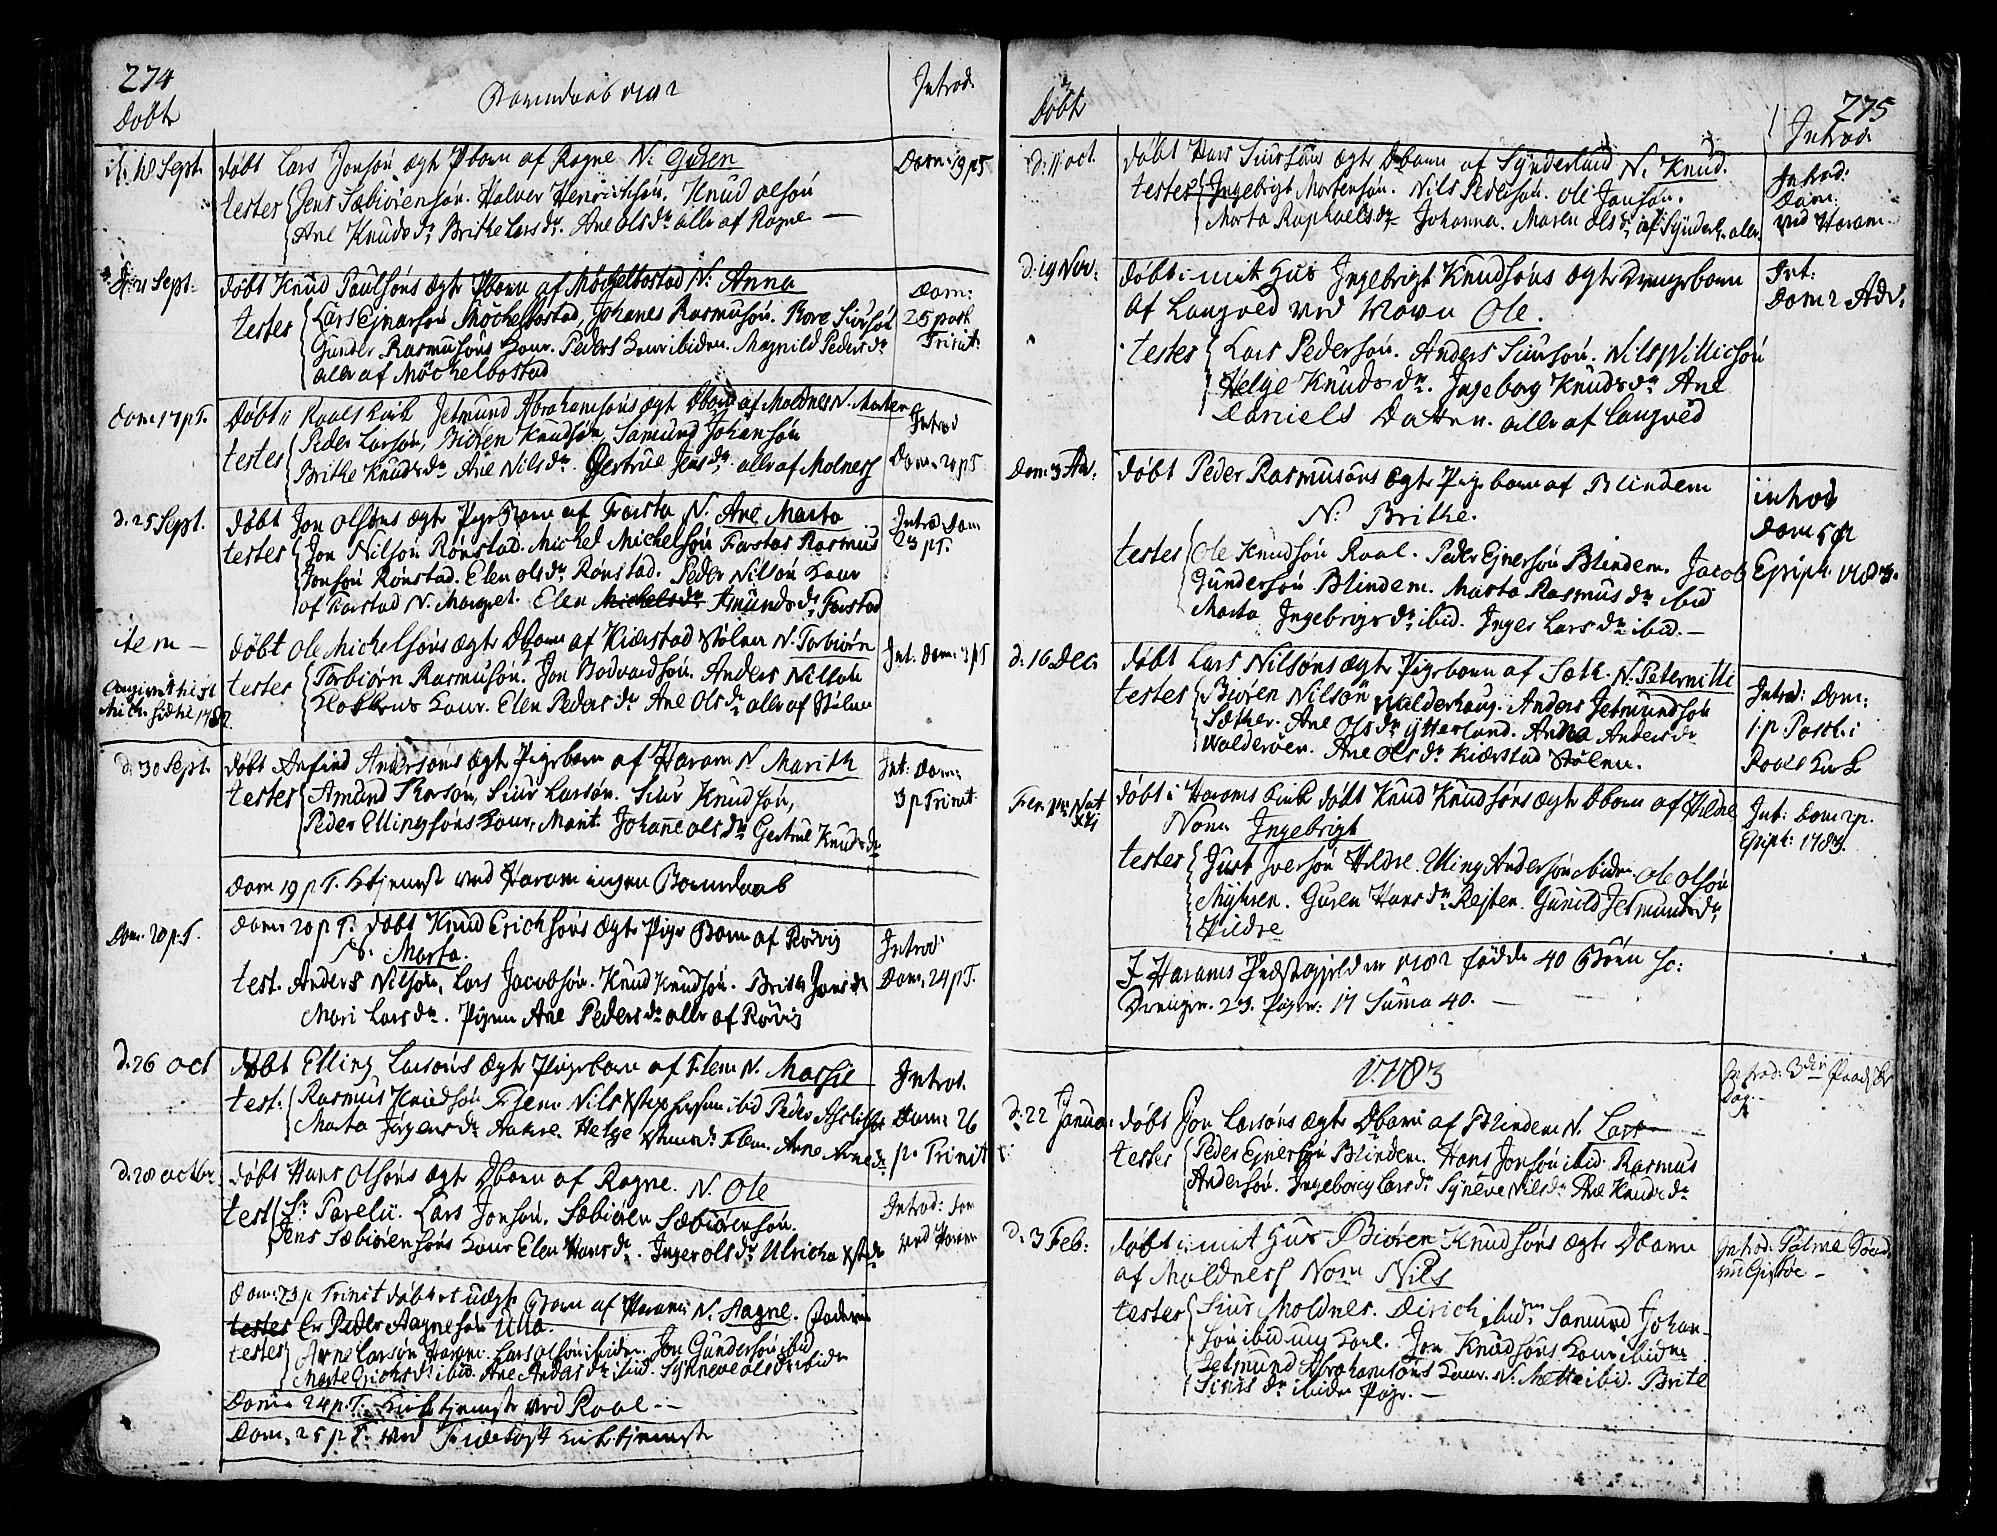 SAT, Ministerialprotokoller, klokkerbøker og fødselsregistre - Møre og Romsdal, 536/L0493: Ministerialbok nr. 536A02, 1739-1802, s. 274-275